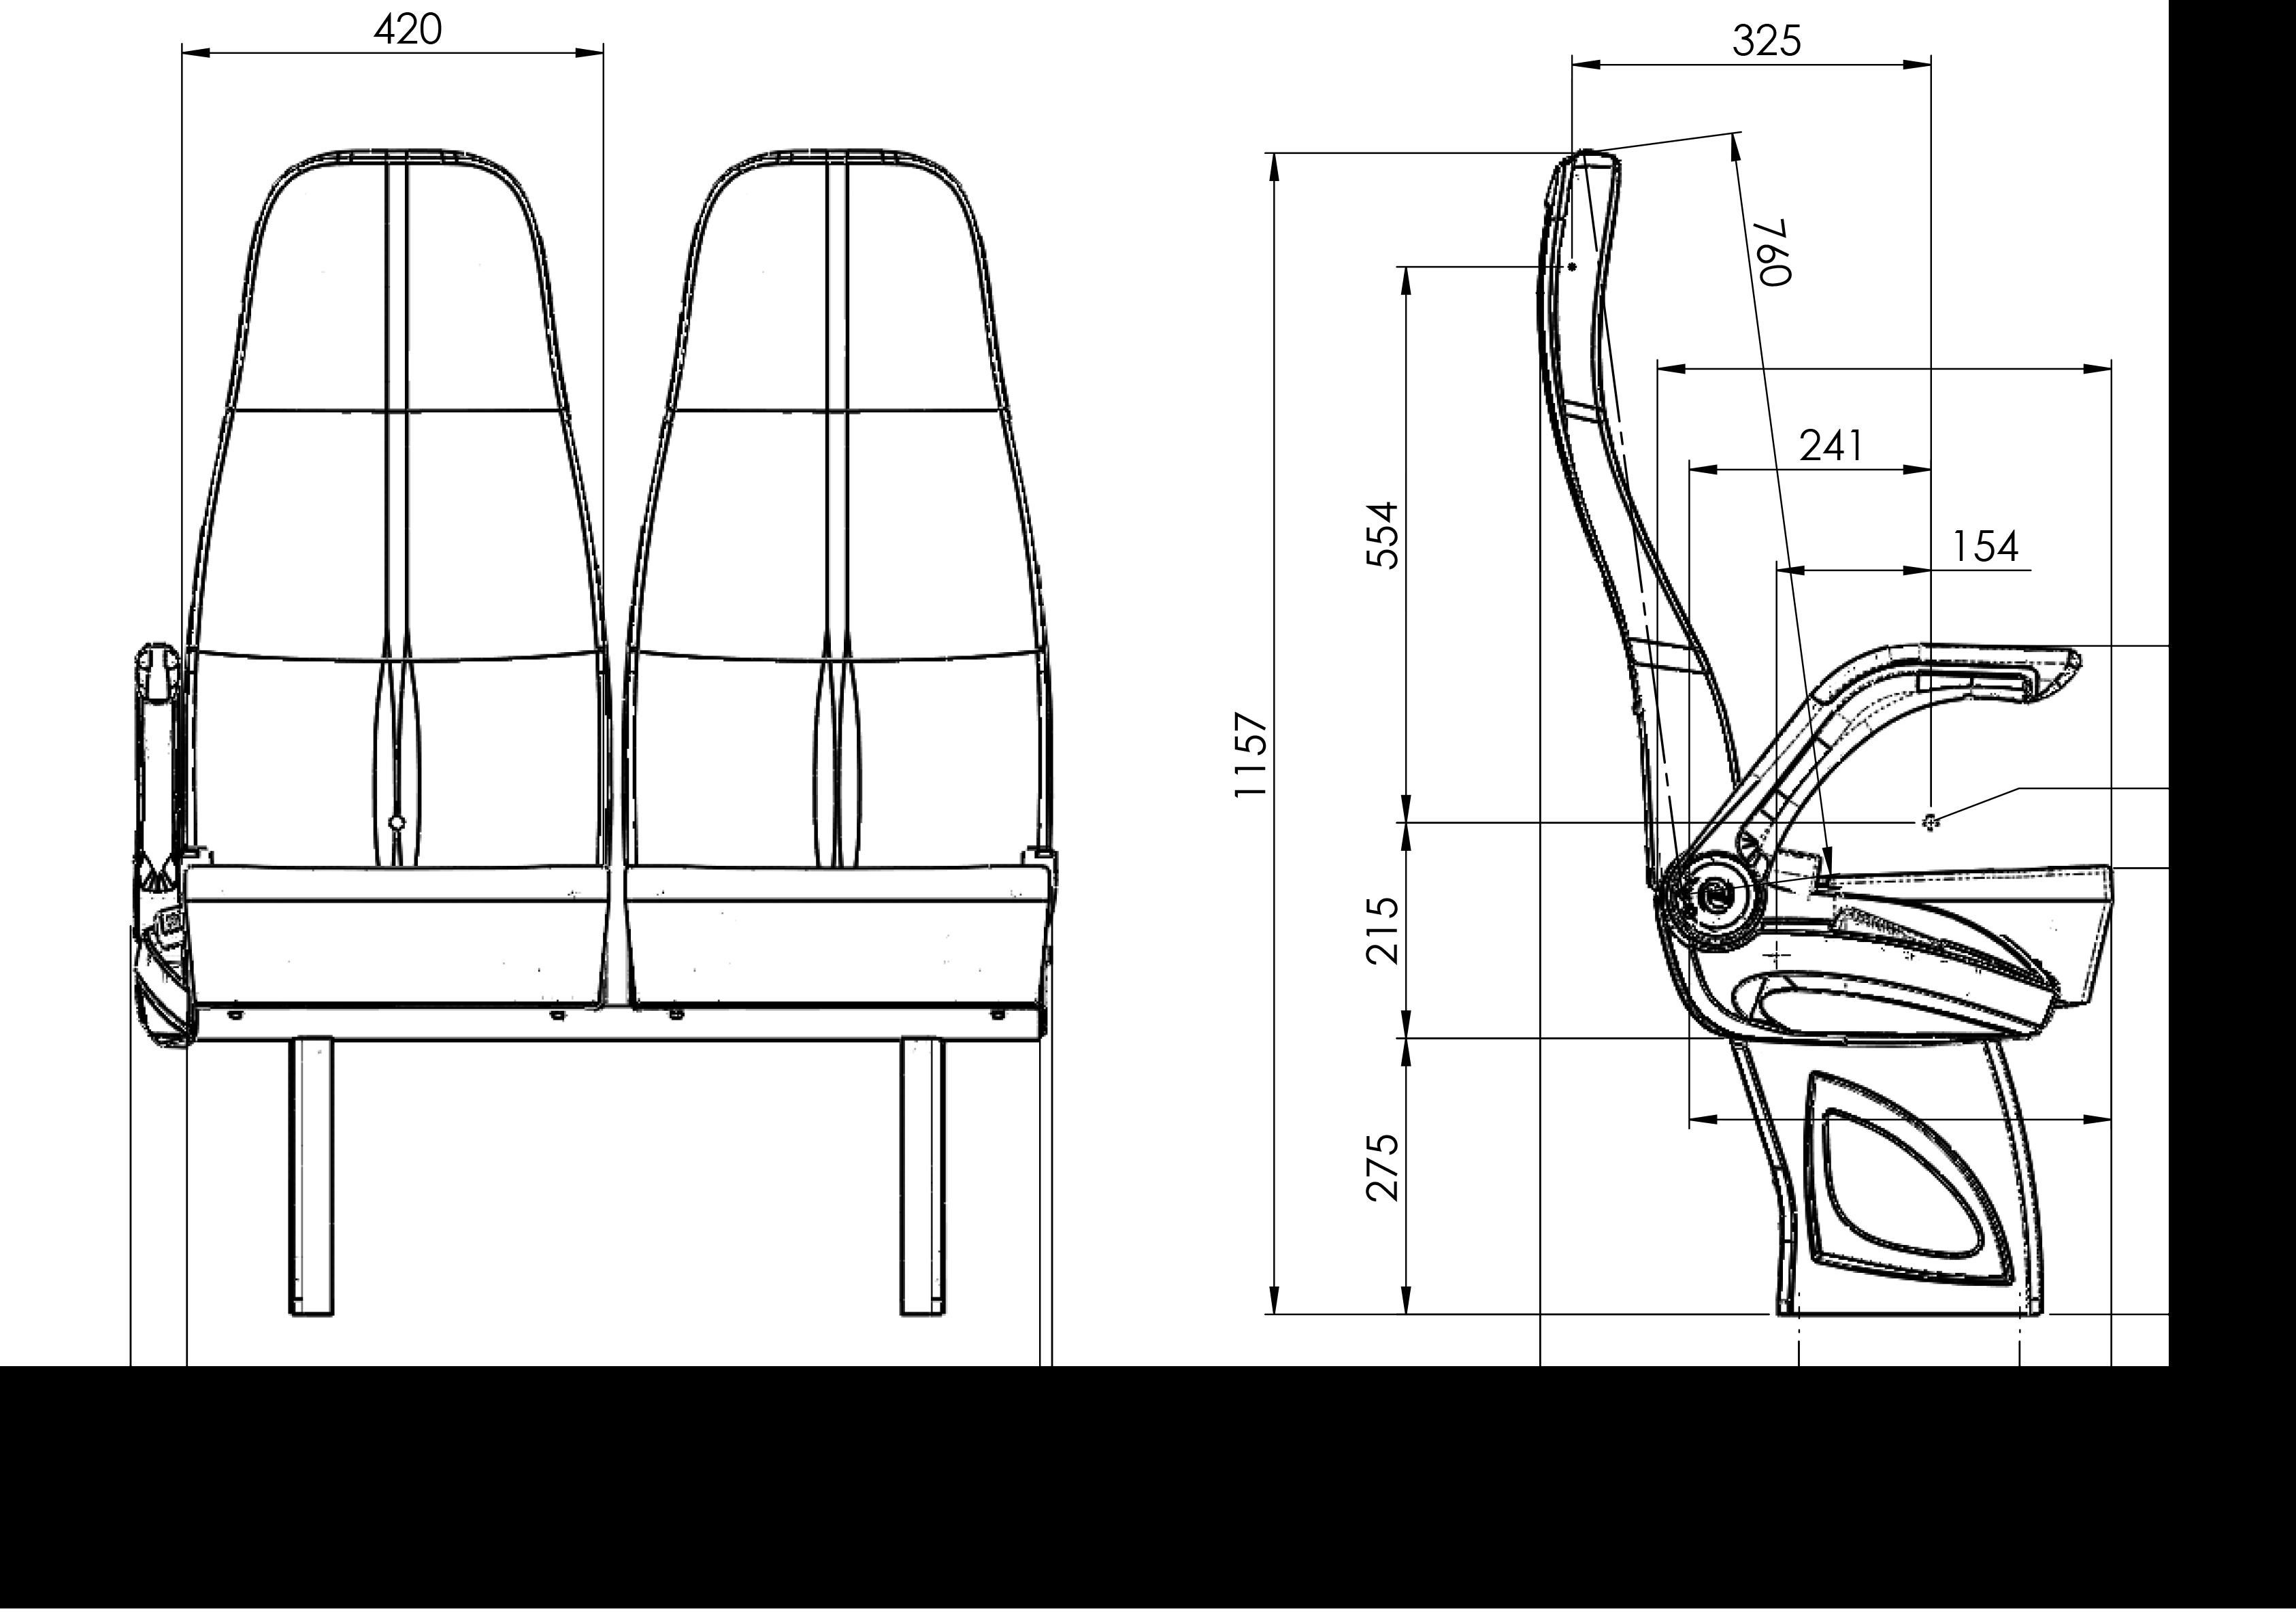 GS172 teknik çizimi